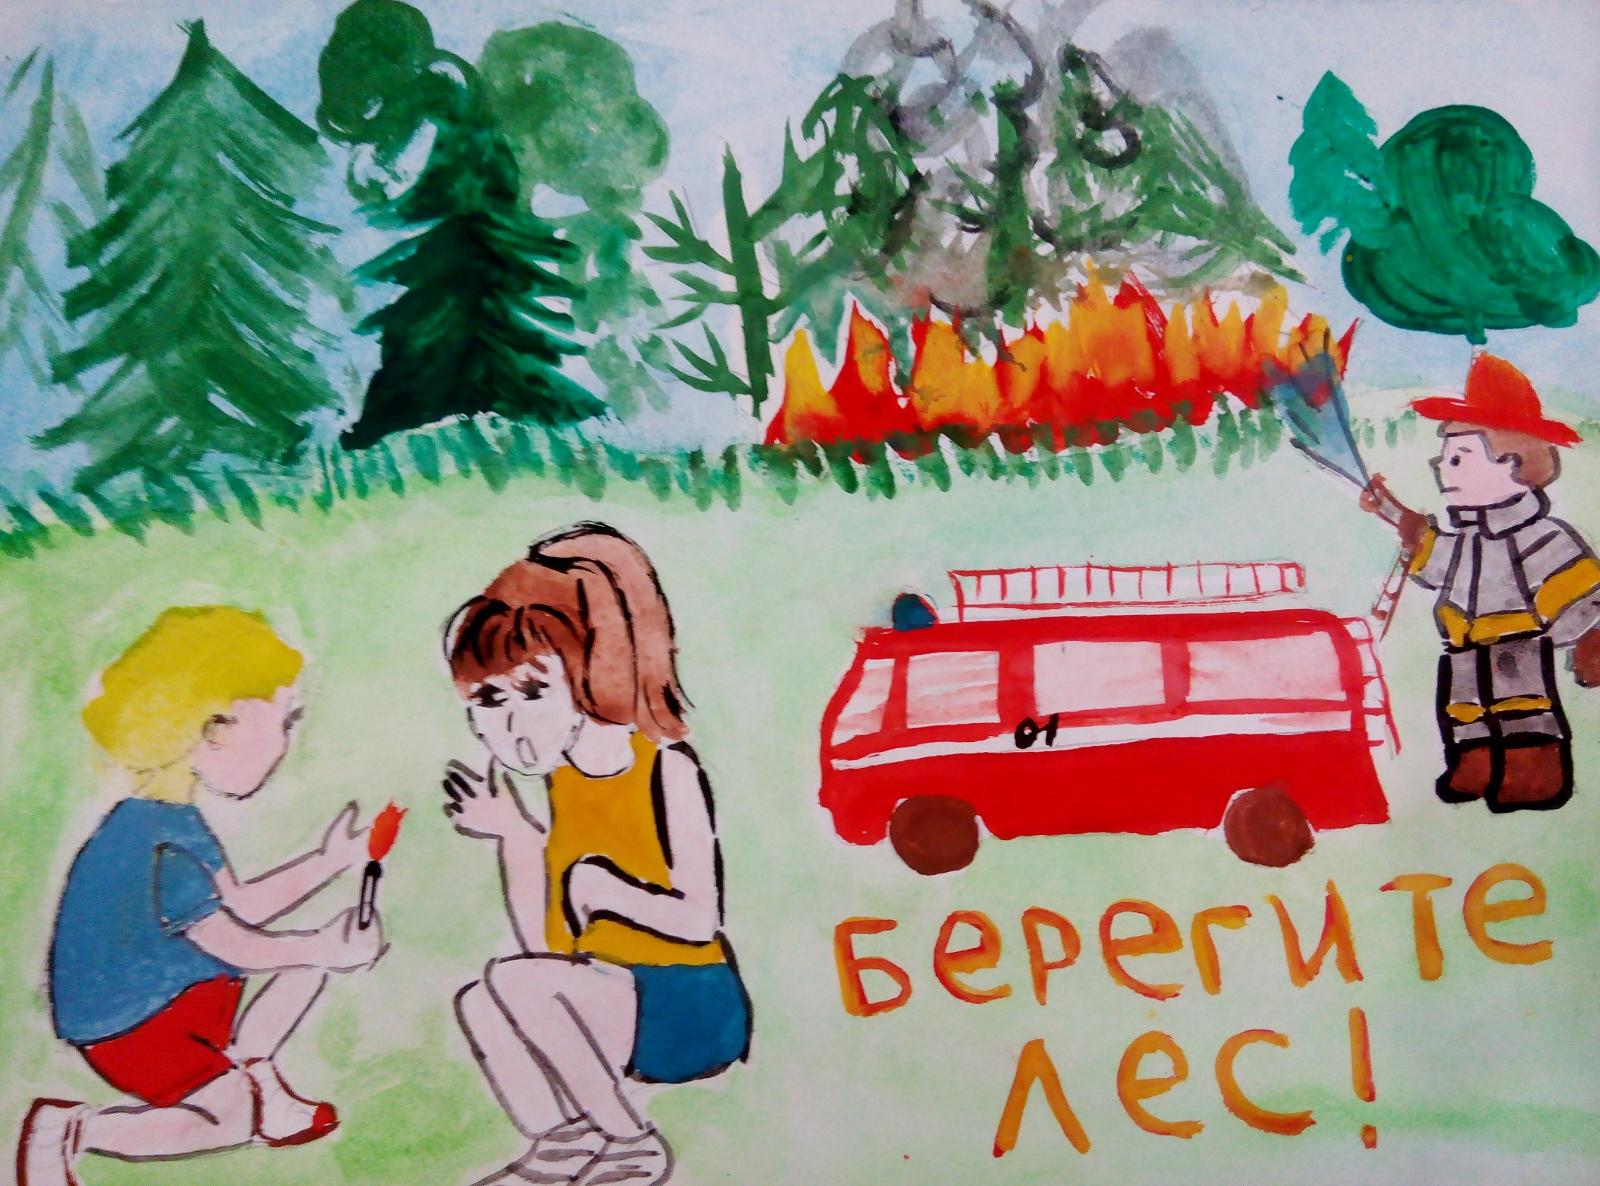 Картинки на тему пожарной безопасности в лесу